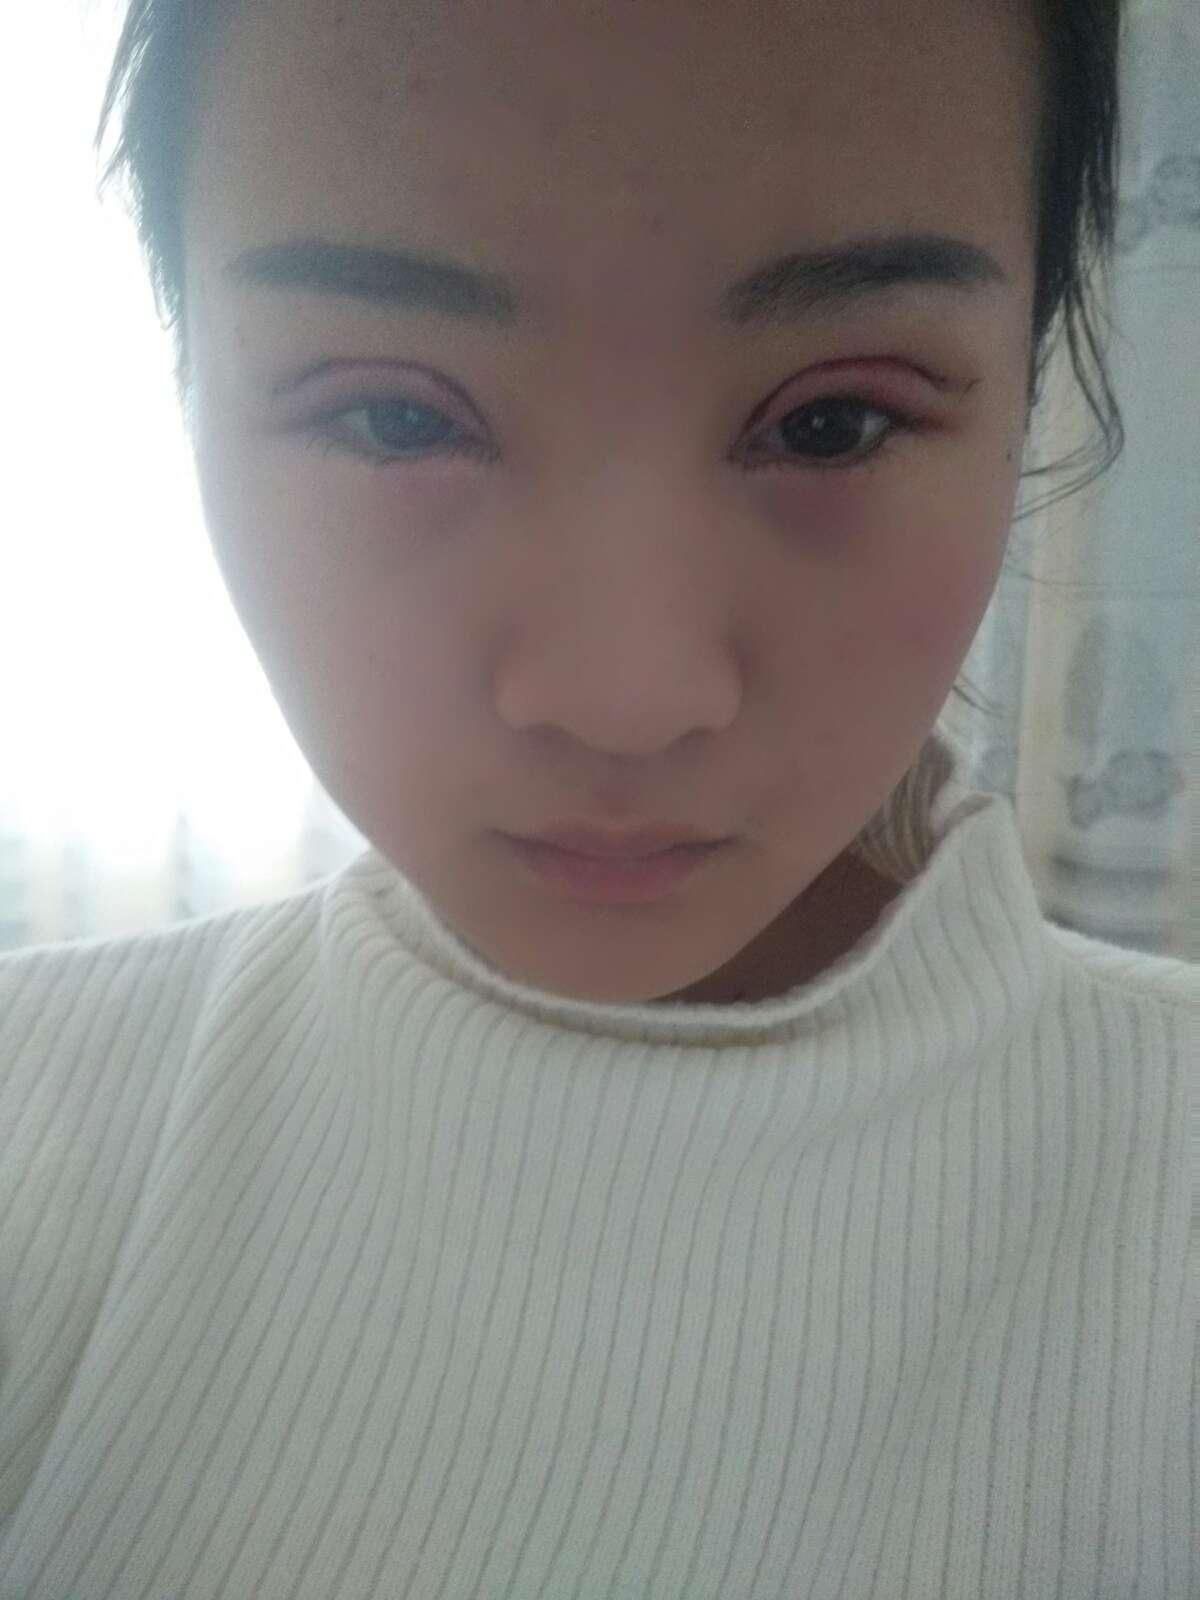 双眼皮冷热敷时间是怎么规定的,手术第二天,还是很肿